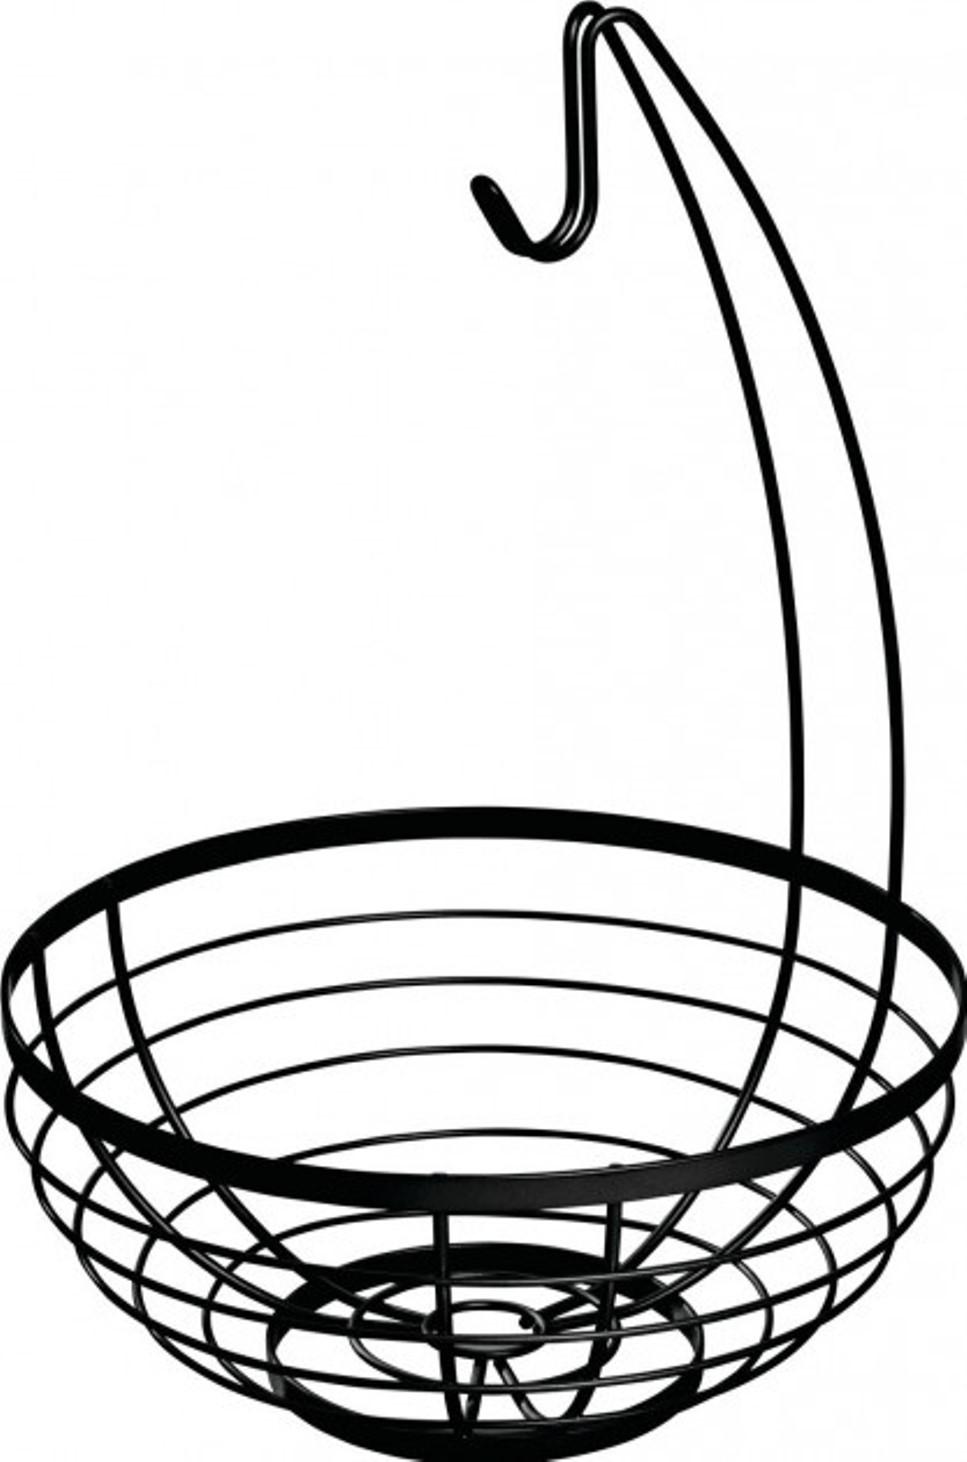 Онлайн каталог PROMENU: Корзина для фруктов с крючком для бананов iDesign AUSTIN, 27,3х27,3 см, черный Interdesign 51687EU